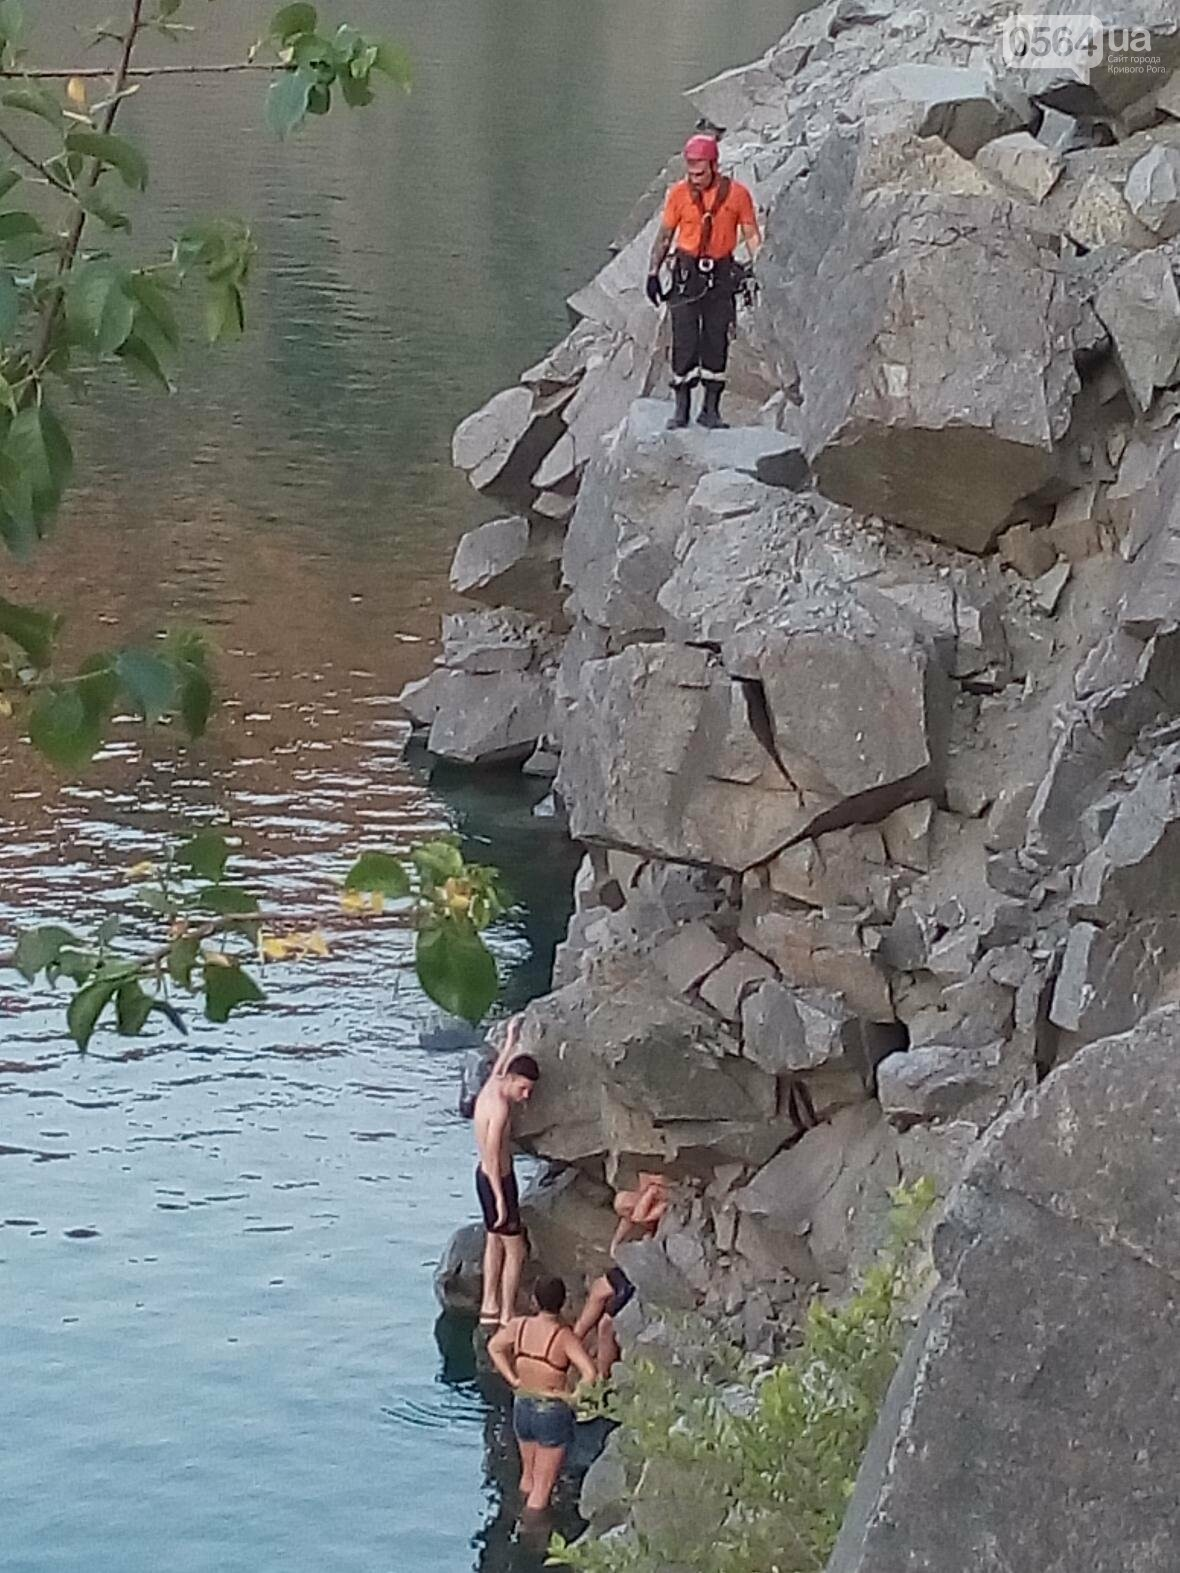 Криворожанин не смог самостоятельно выбраться из затопленного карьера (ФОТО), фото-1